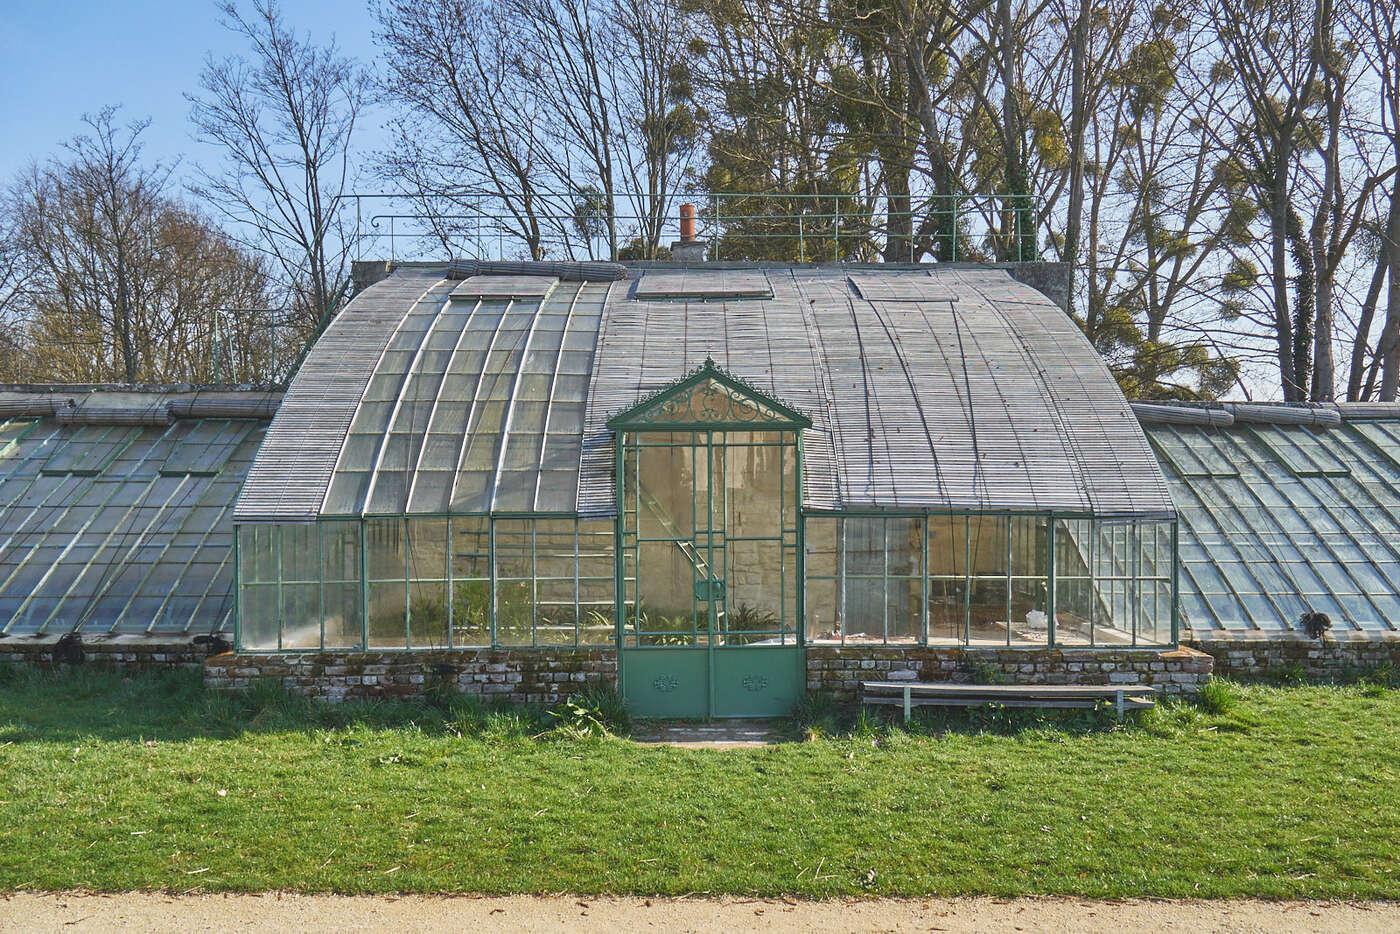 Jardin potager de l'abbaye de Royaumont